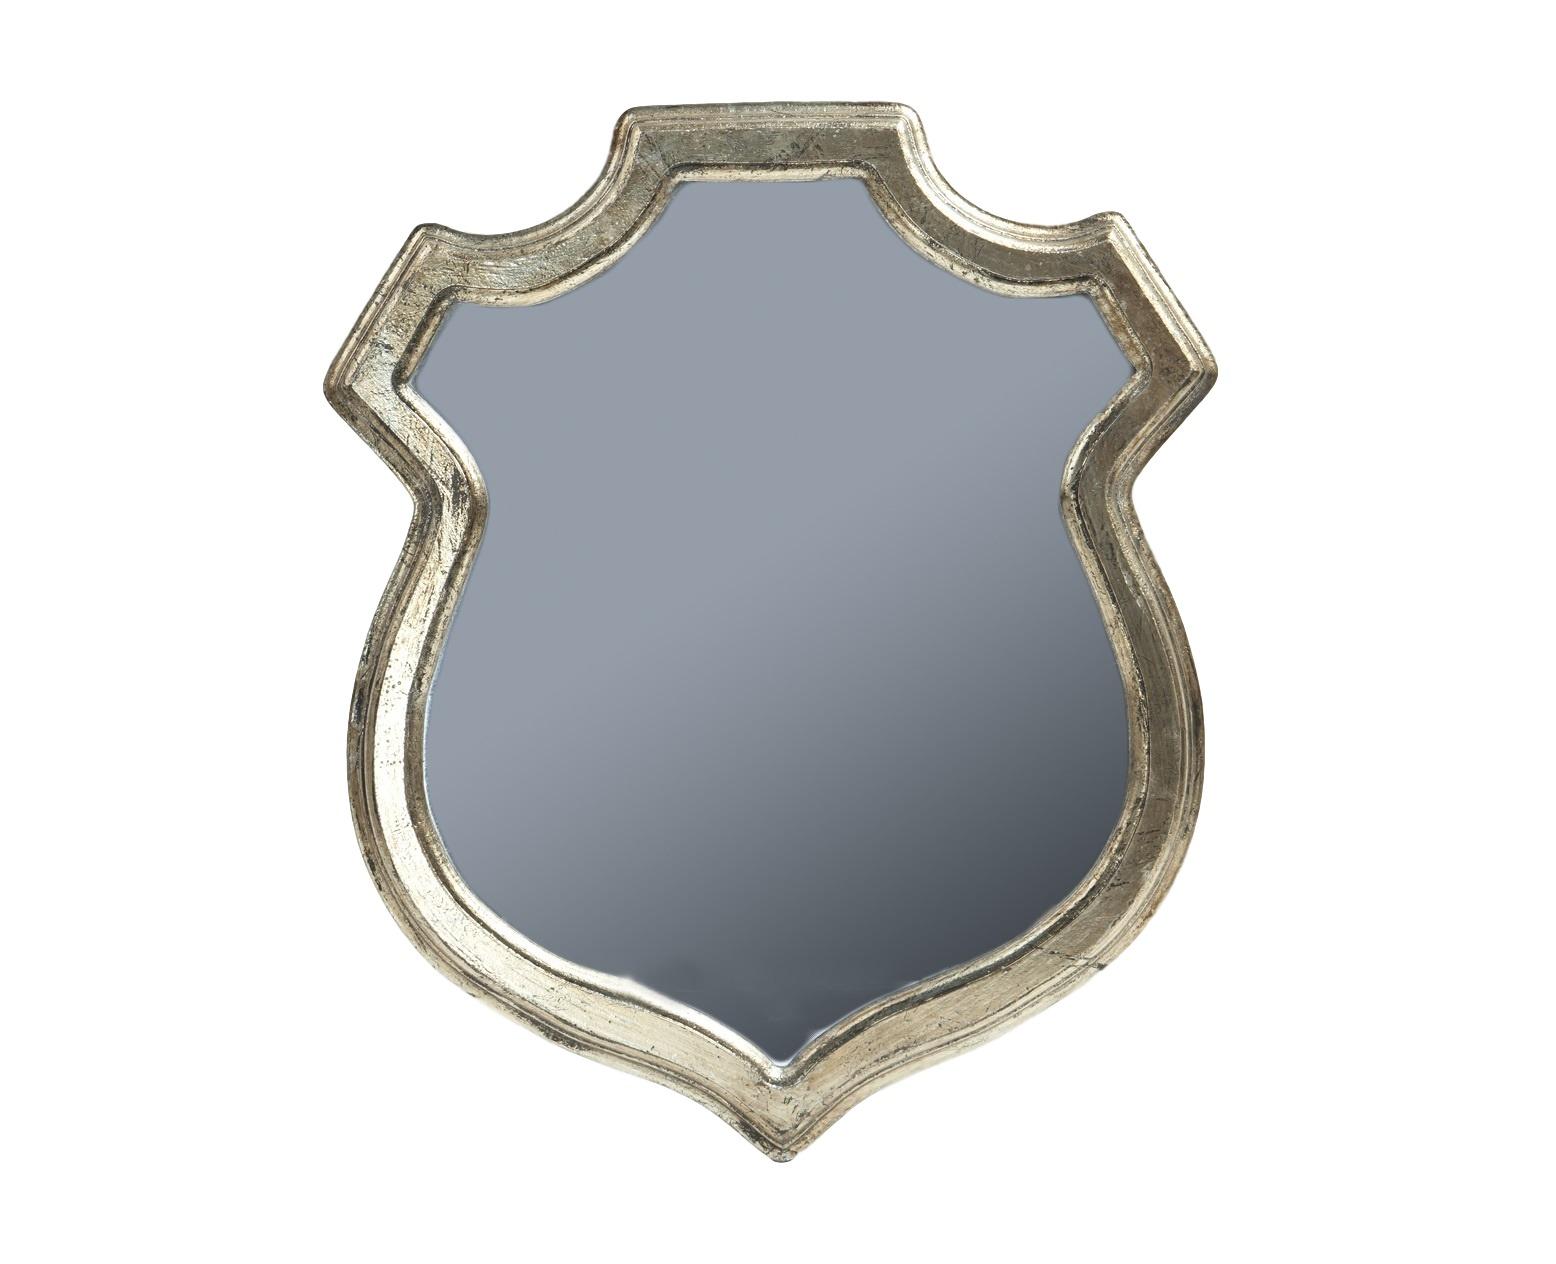 Зеркало ГеральдикаНастенные зеркала<br>Состаренное настенное зеркало в форме геральдического щита.<br><br>Material: МДФ<br>Width см: 51<br>Height см: 60